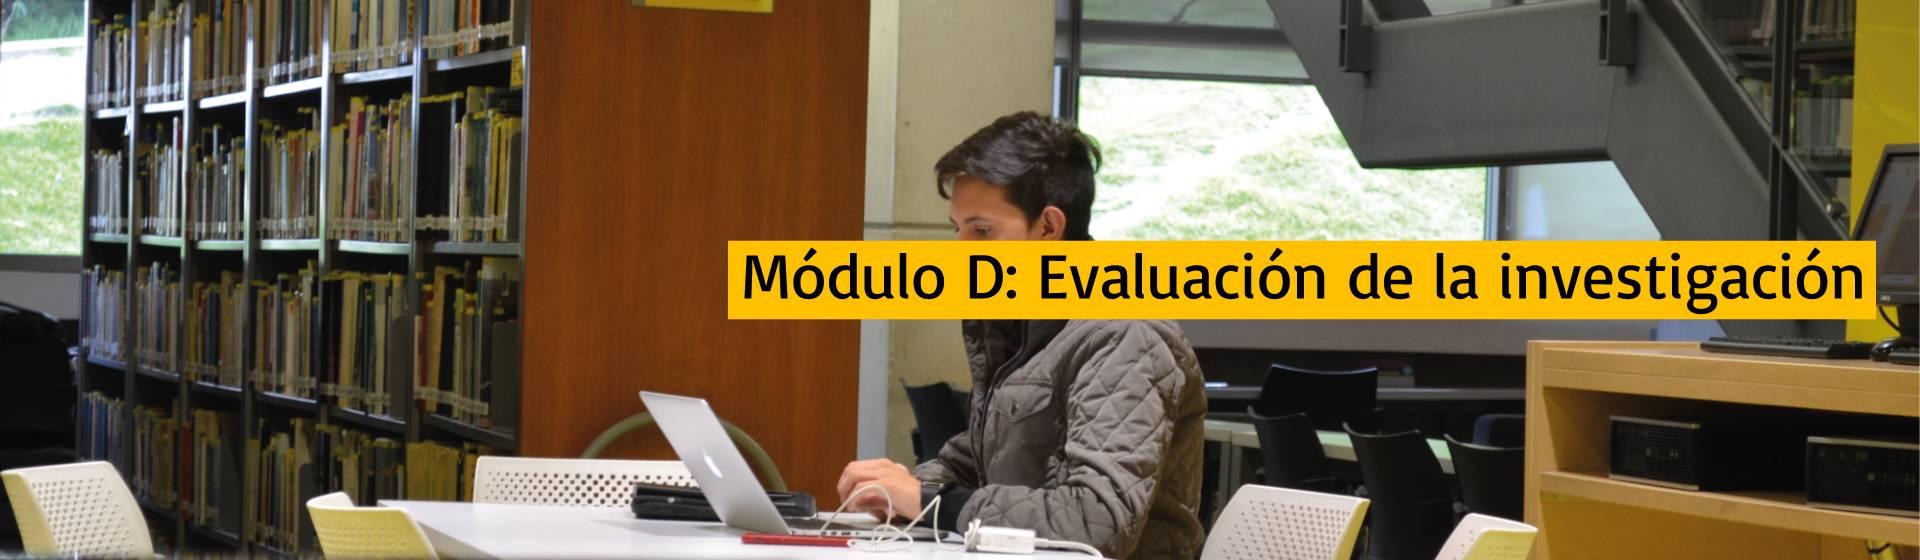 Módulo D: Evaluación de la investigación | Uniandes